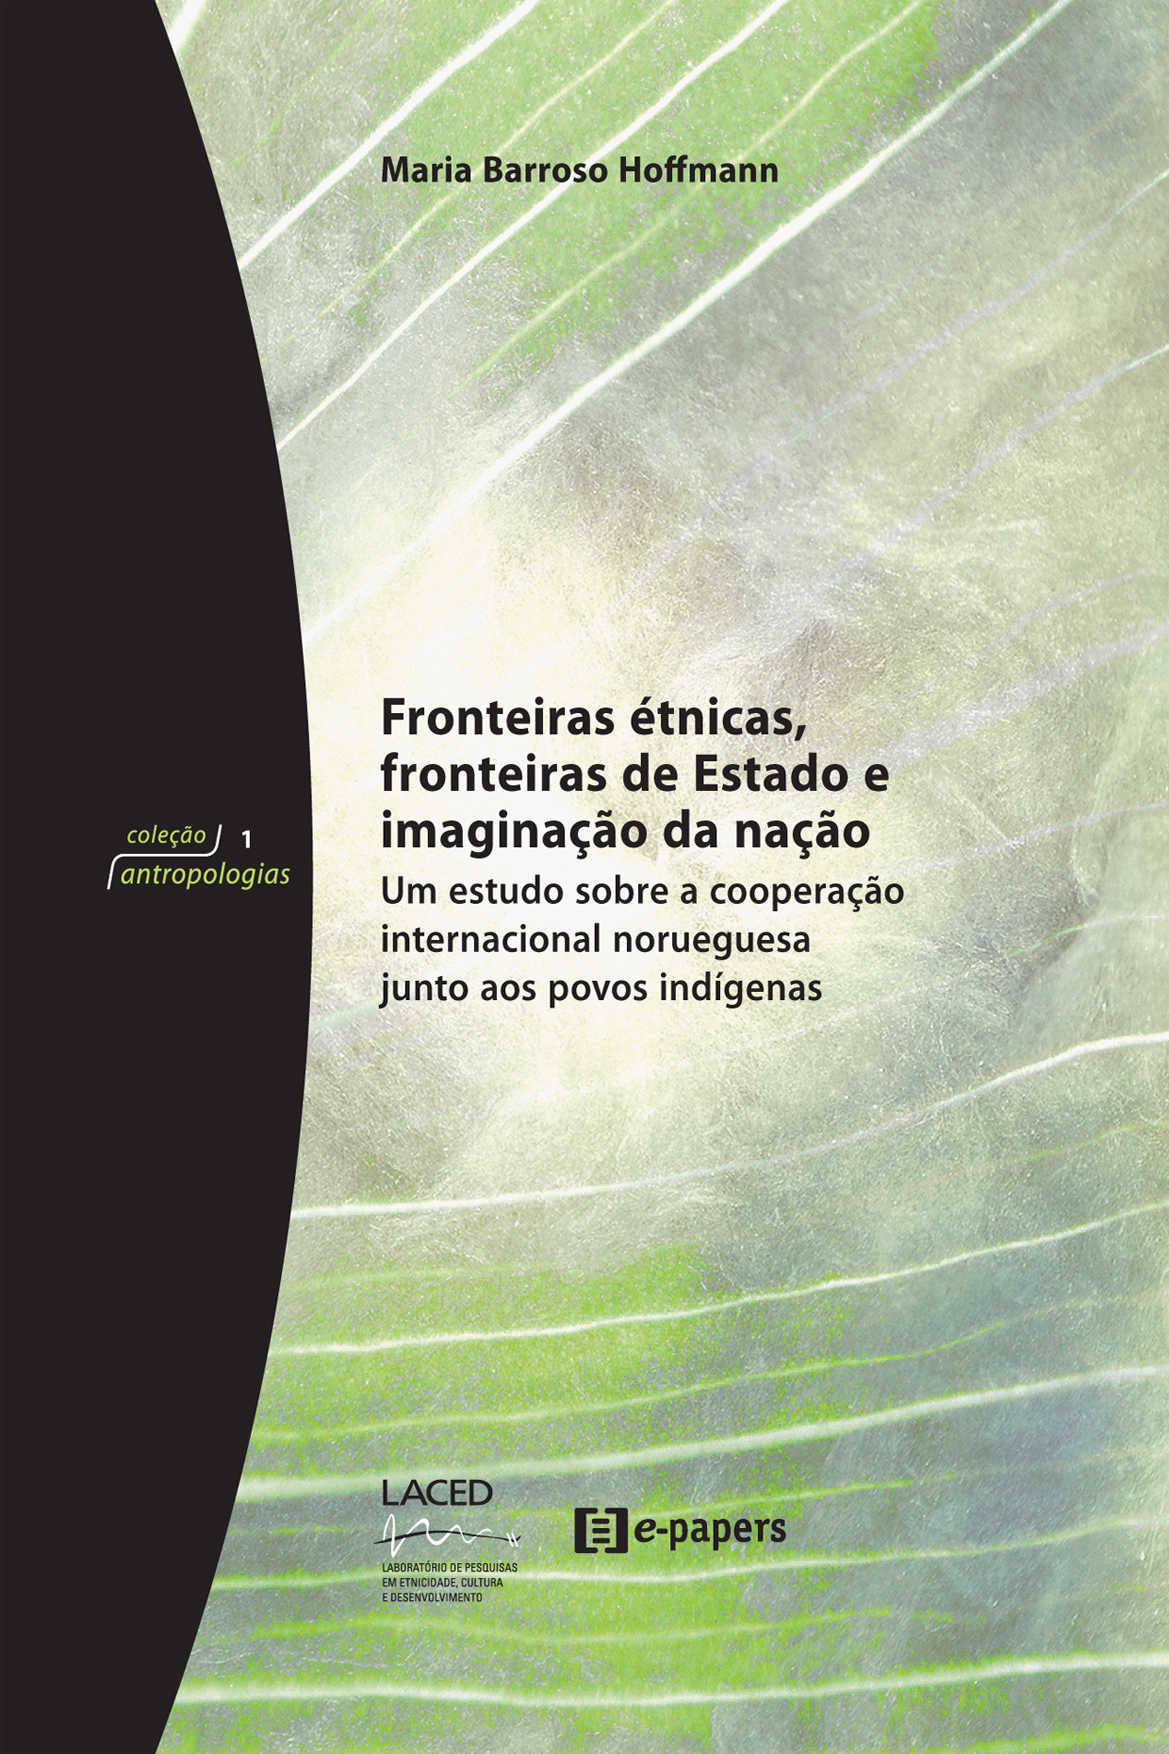 Fronteiras étnicas, fronteiras de Estado e imaginação da nação: Um estudo sobre a cooperação internacional norueguesa junto aos povos indígenas.